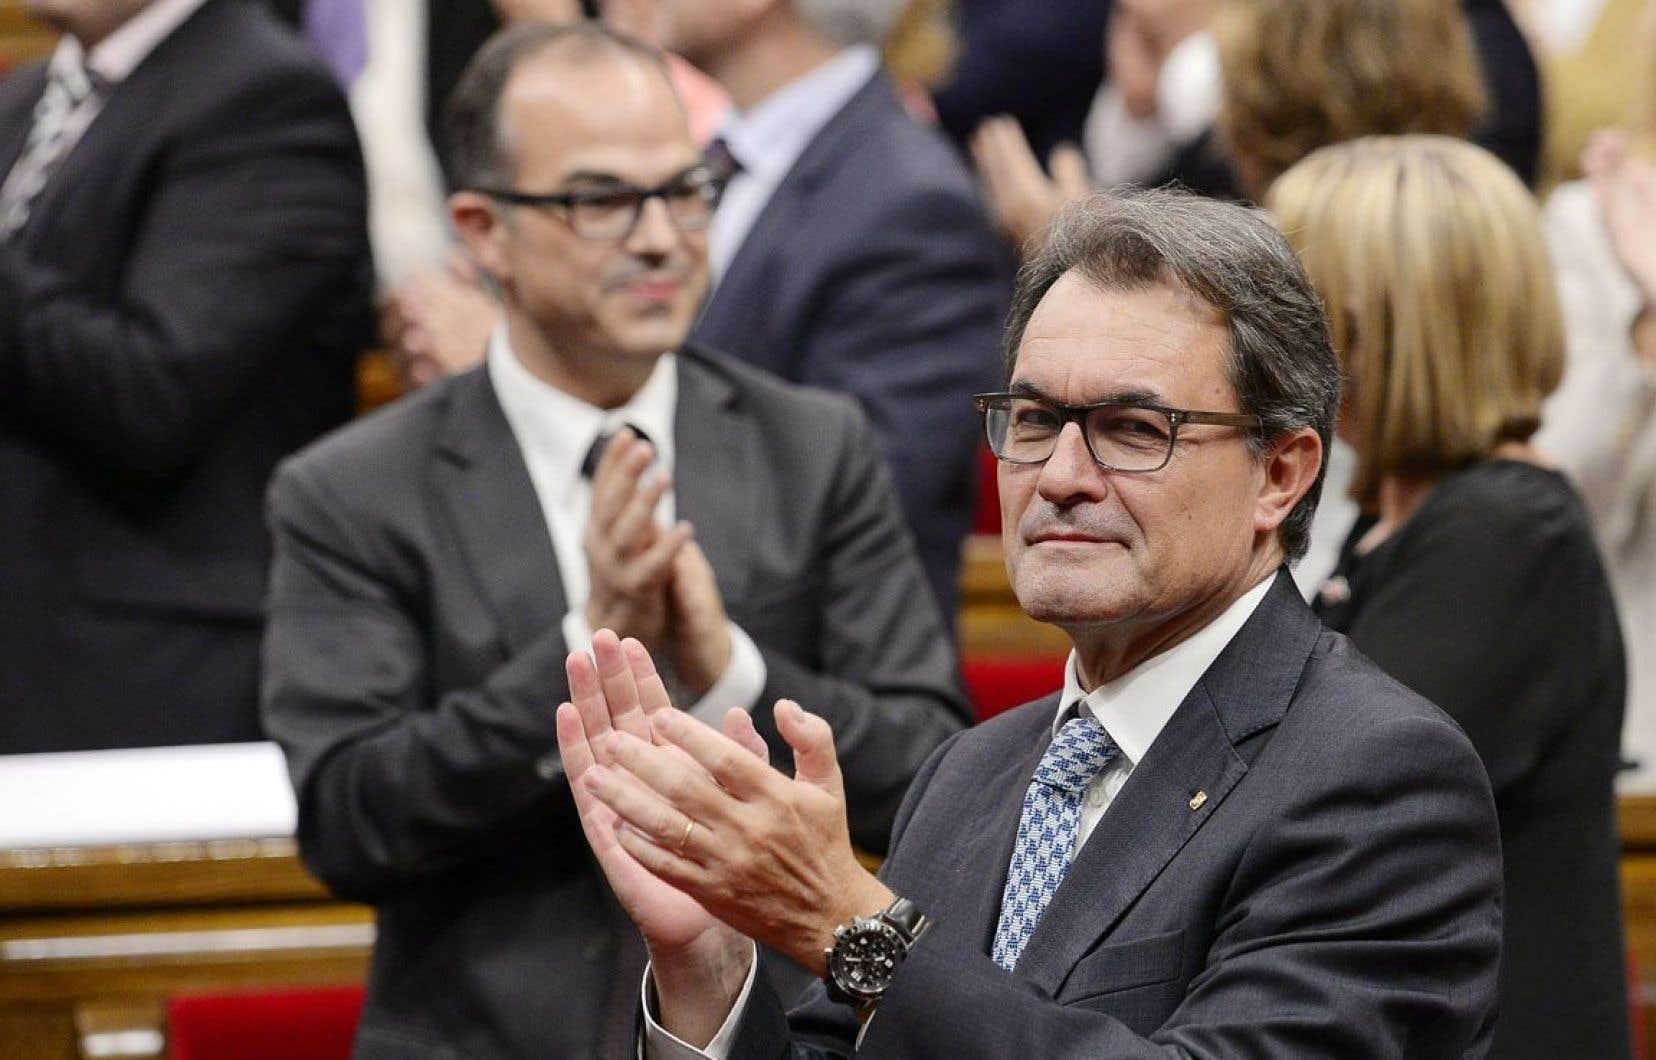 Le président du gouvernement catalan Artur Mas (à droite). Tout juste quelques heures après l'annonce des résultats du réfé- rendum écossais, le Parlement entérinait une loi autorisant une consultation populaire sur l'indépendance face à l'Espagne.